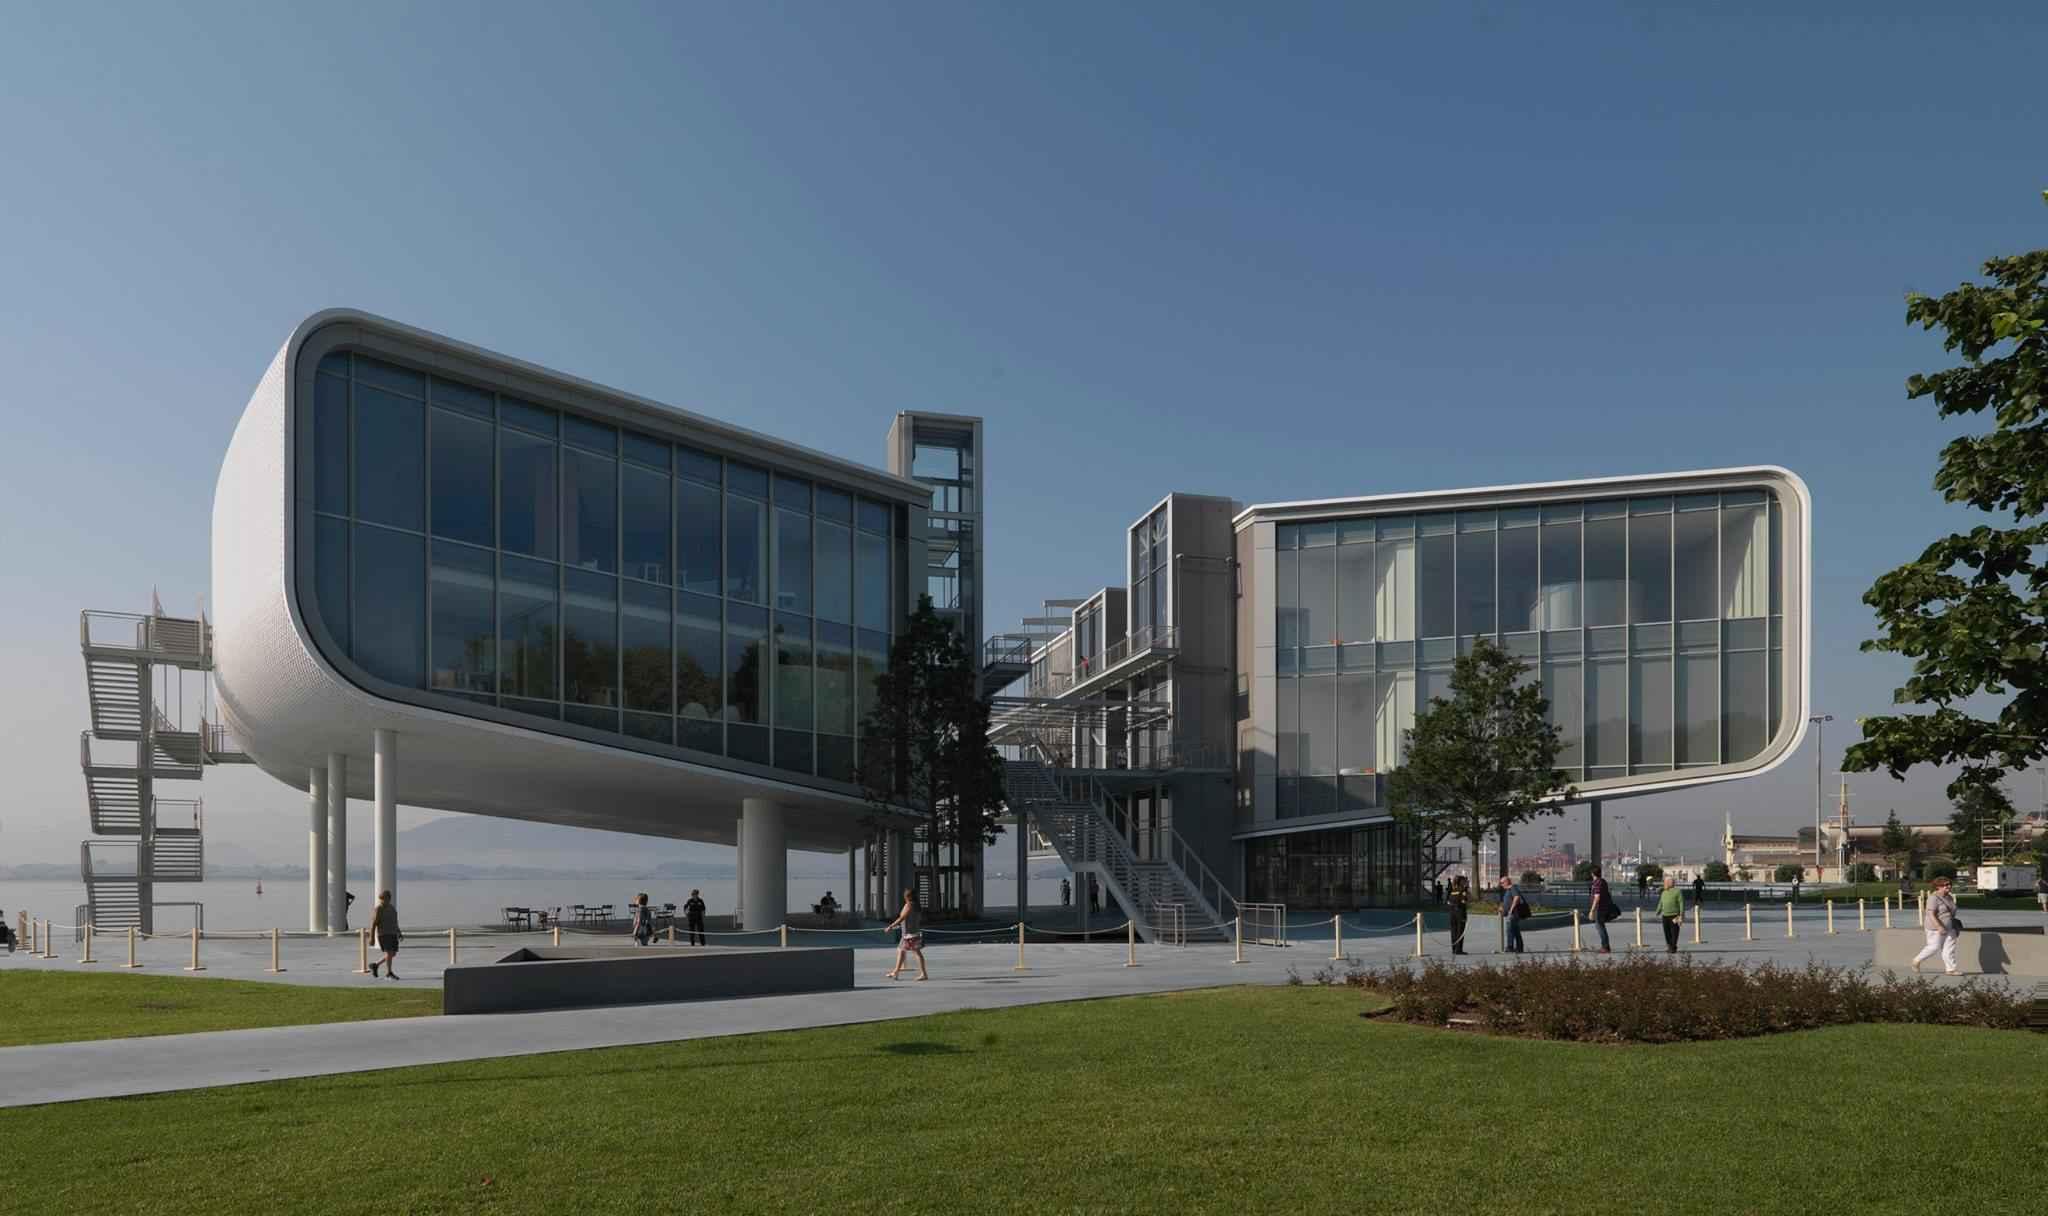 Inauguran proyecto del arquitecto Renzo Piano en España